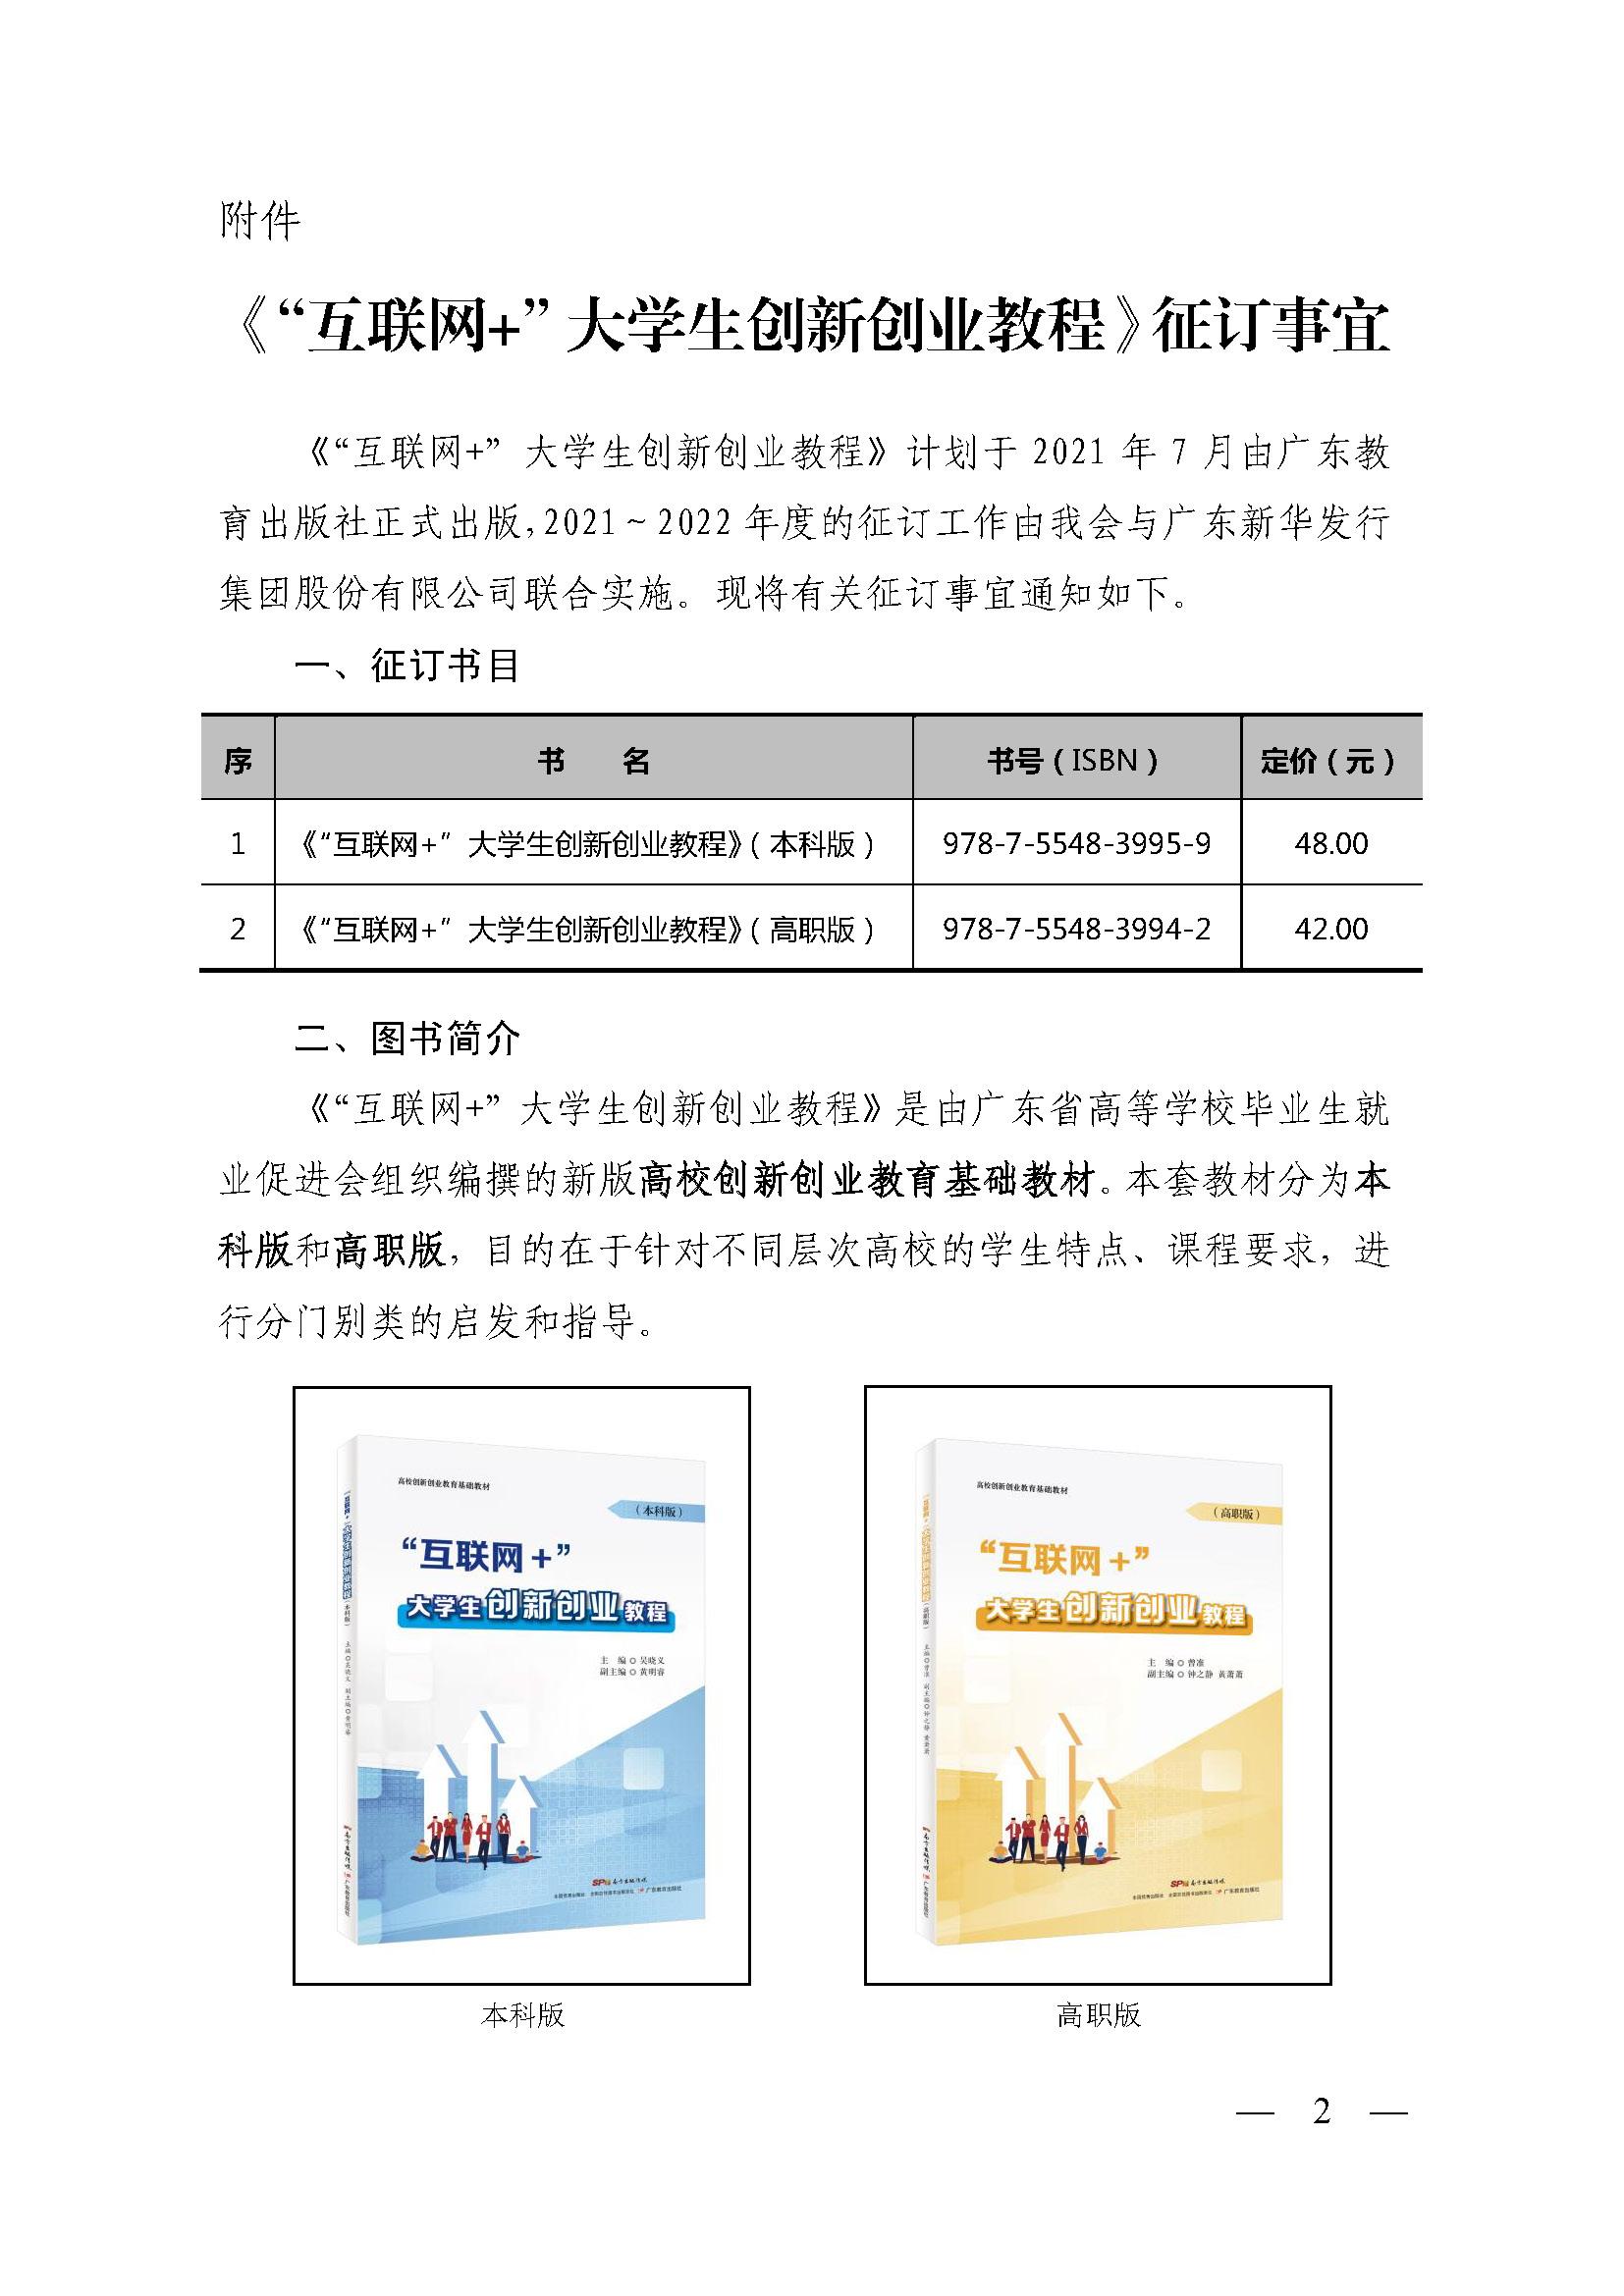 2021~2022创业教材征订通知0609_页面_02.jpg